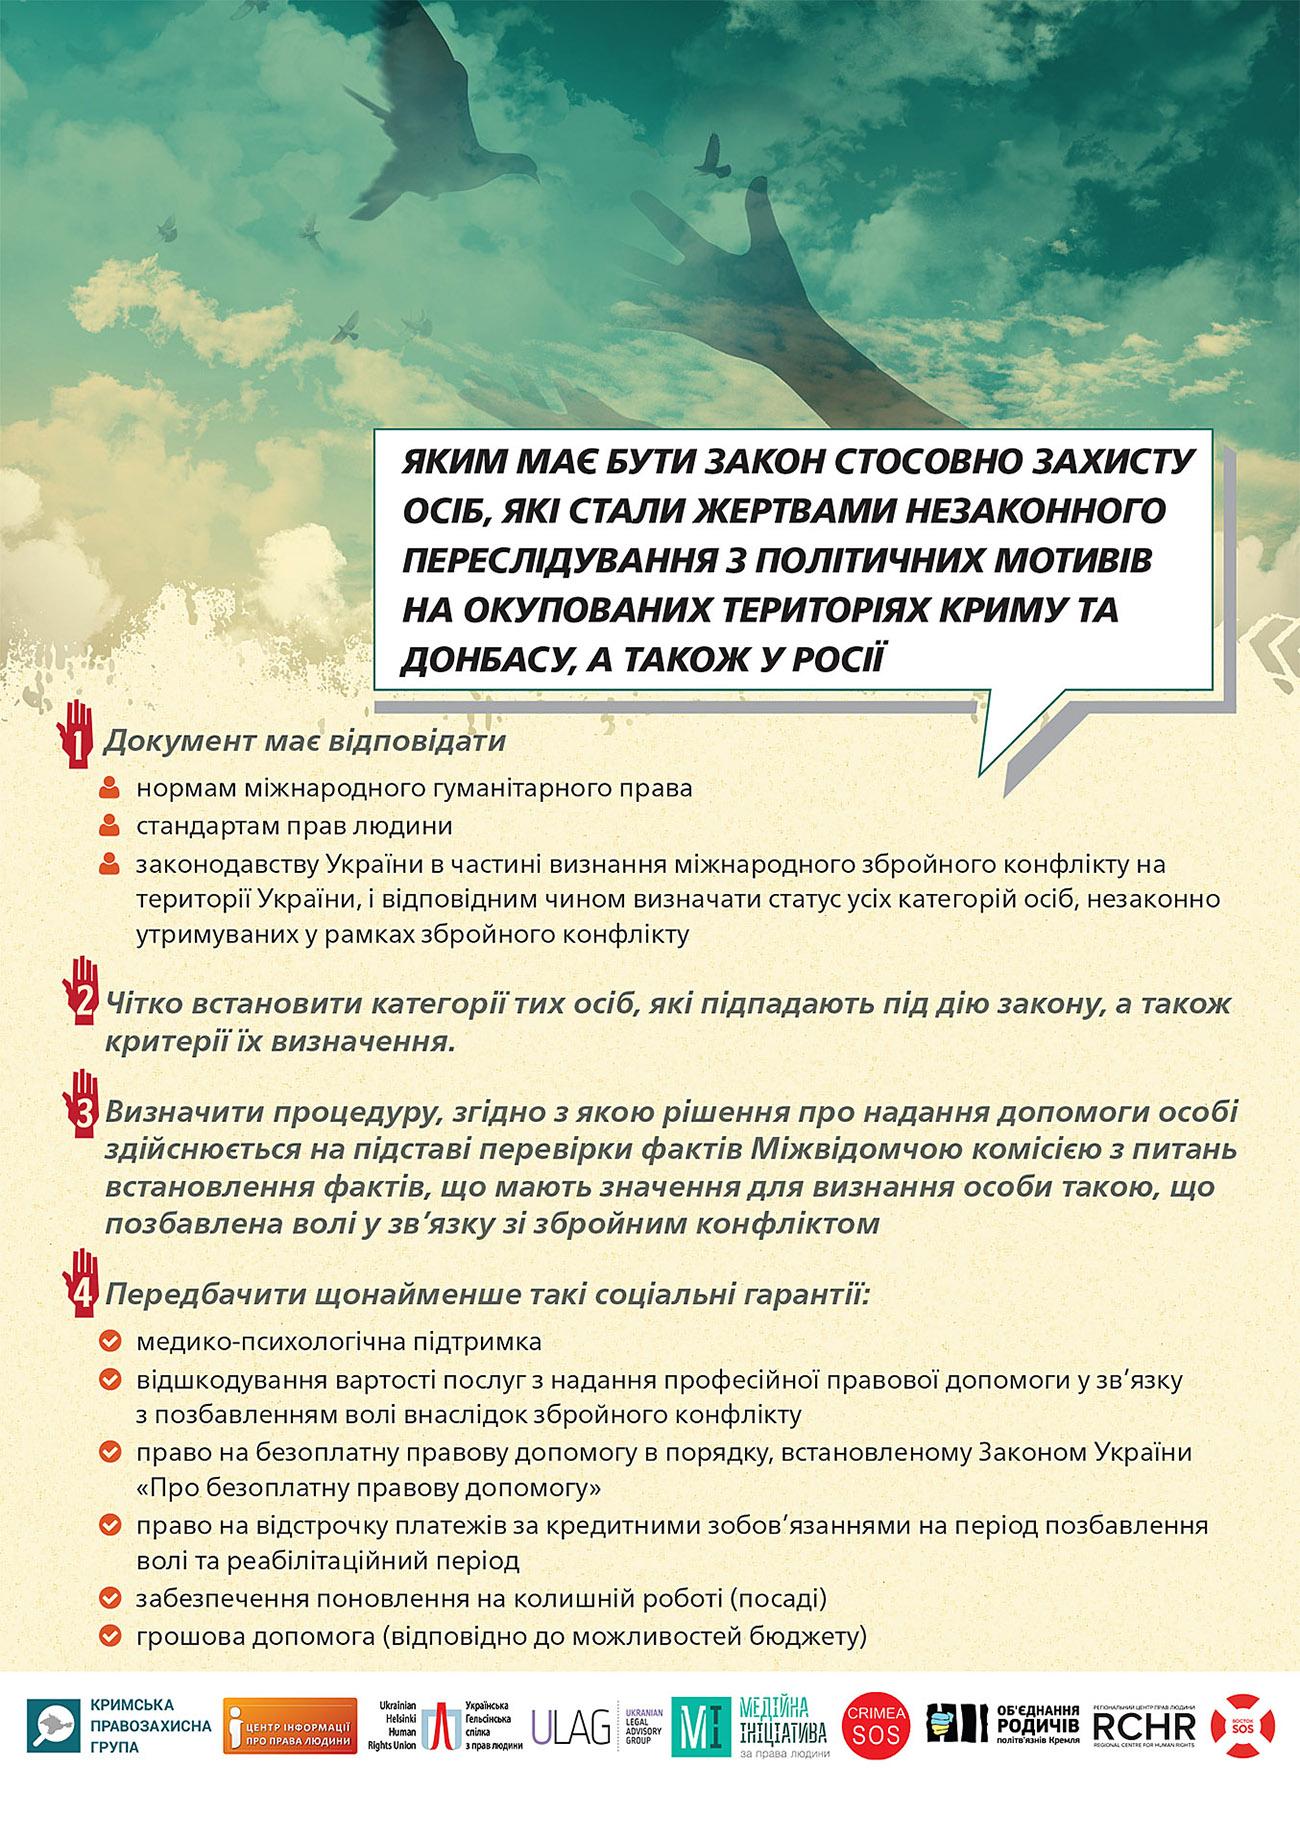 Заручники ОРДЛО та «в'язні Кремля»  – досі «невидимі»  для держави. Вимагаємо ухвалення якісного закону! (інфографіка)